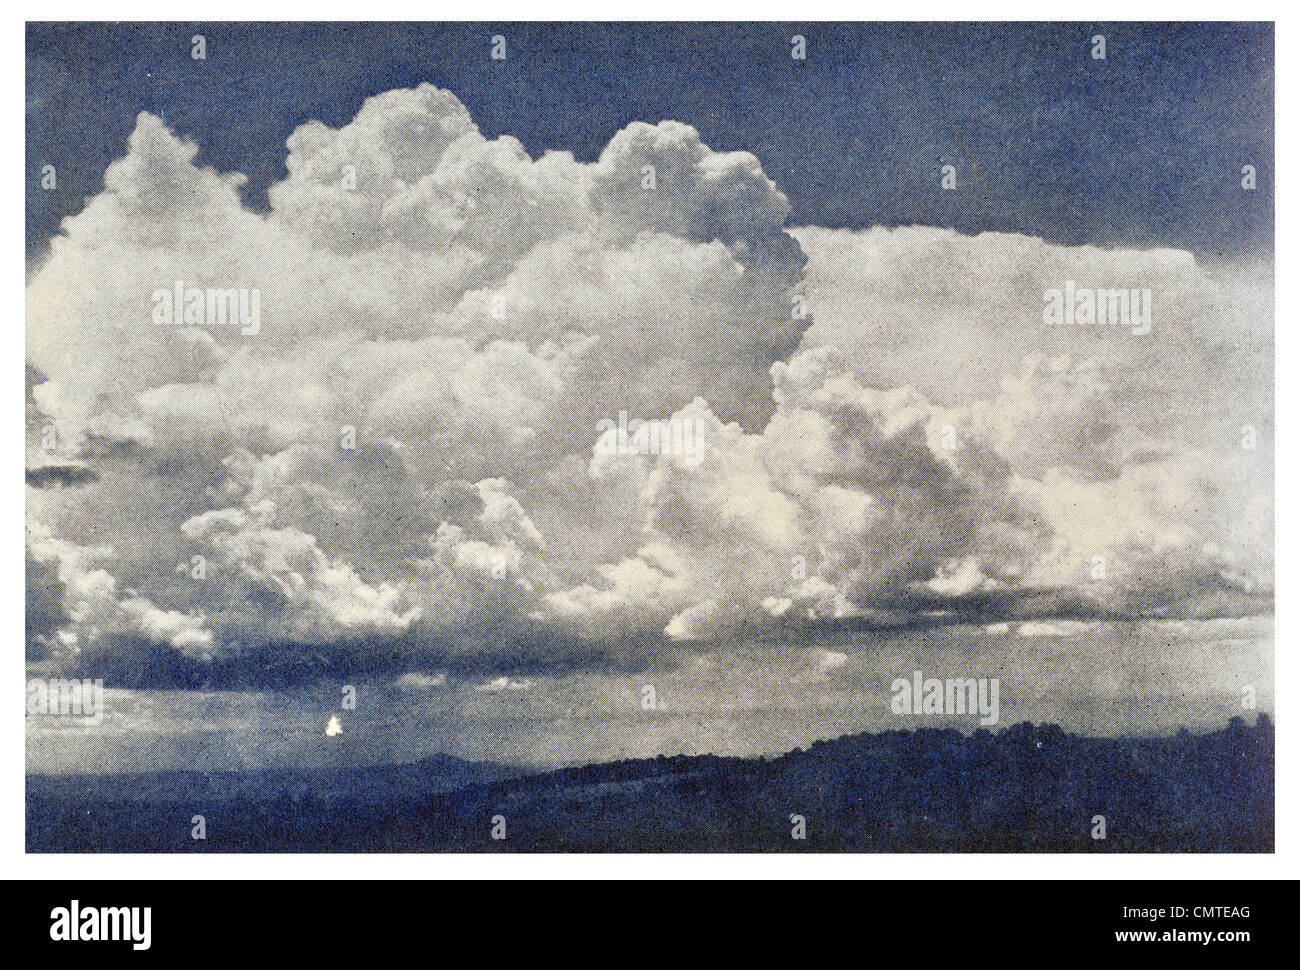 1925 Cumulo Nimbus Thunder Cloud - Stock Image